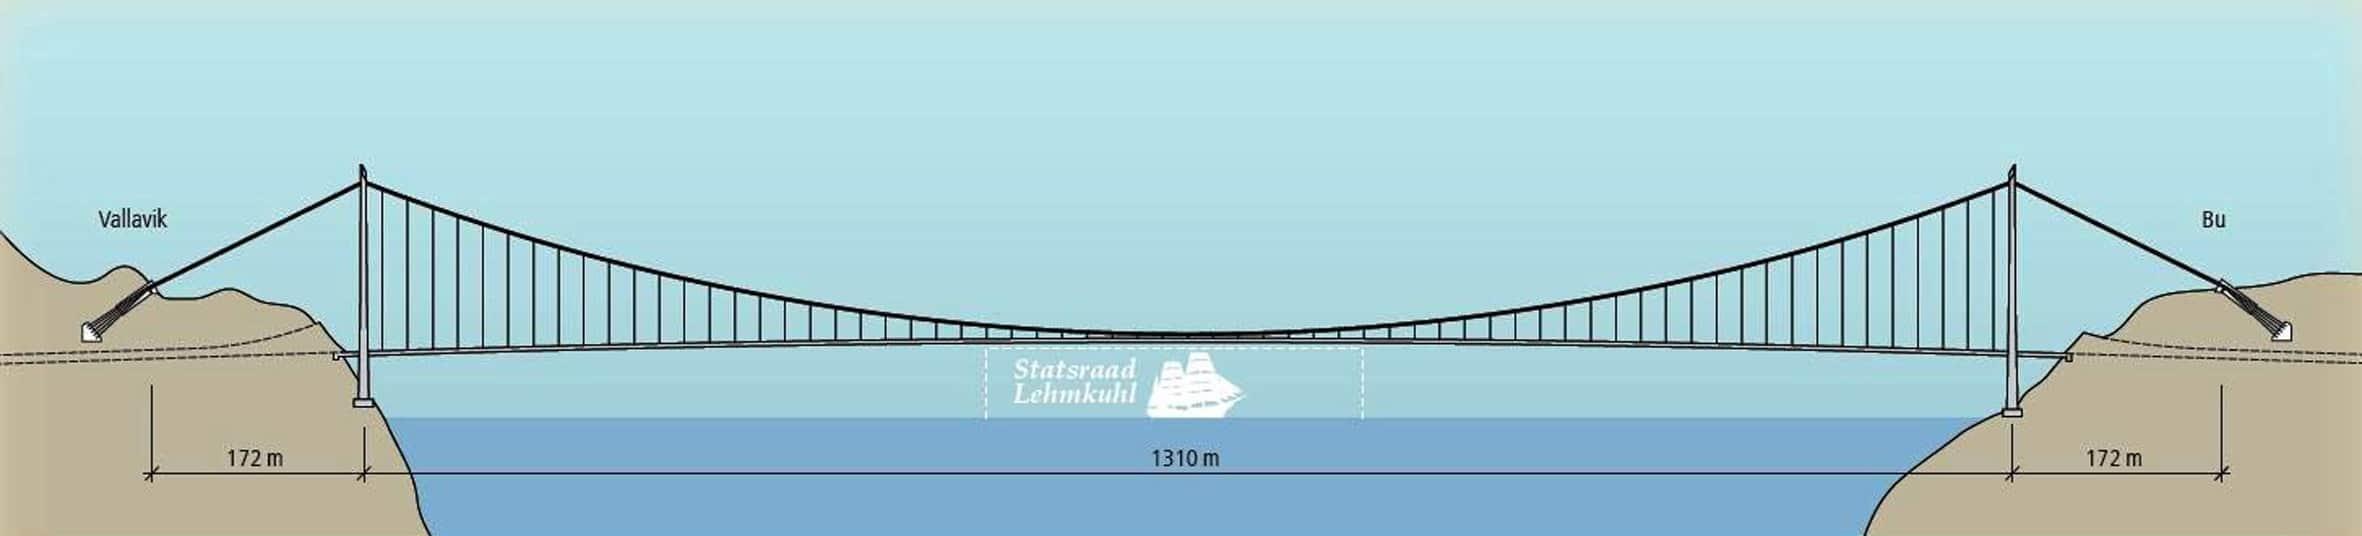 Il profilo longitudinale dell'Hardangerbrua